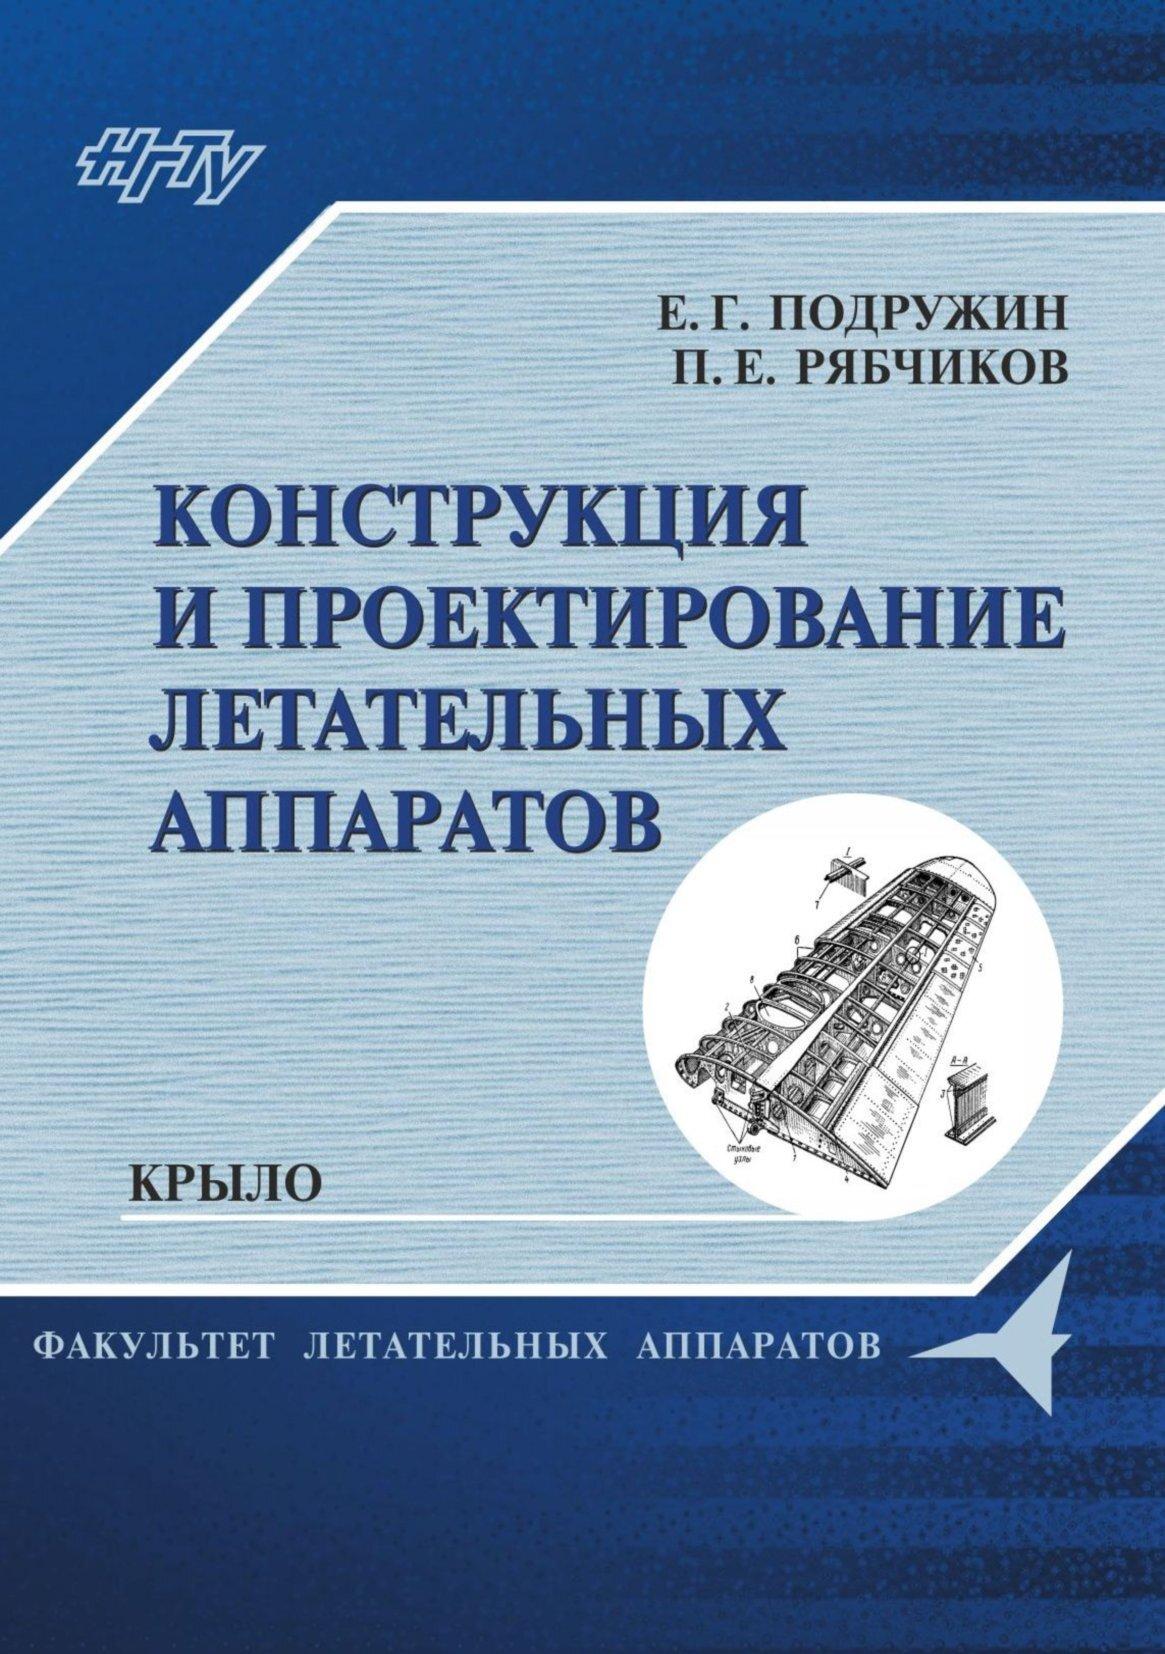 Евгений Герасимович Подружин Конструкция и проектирование летательных аппаратов. Крыло цена